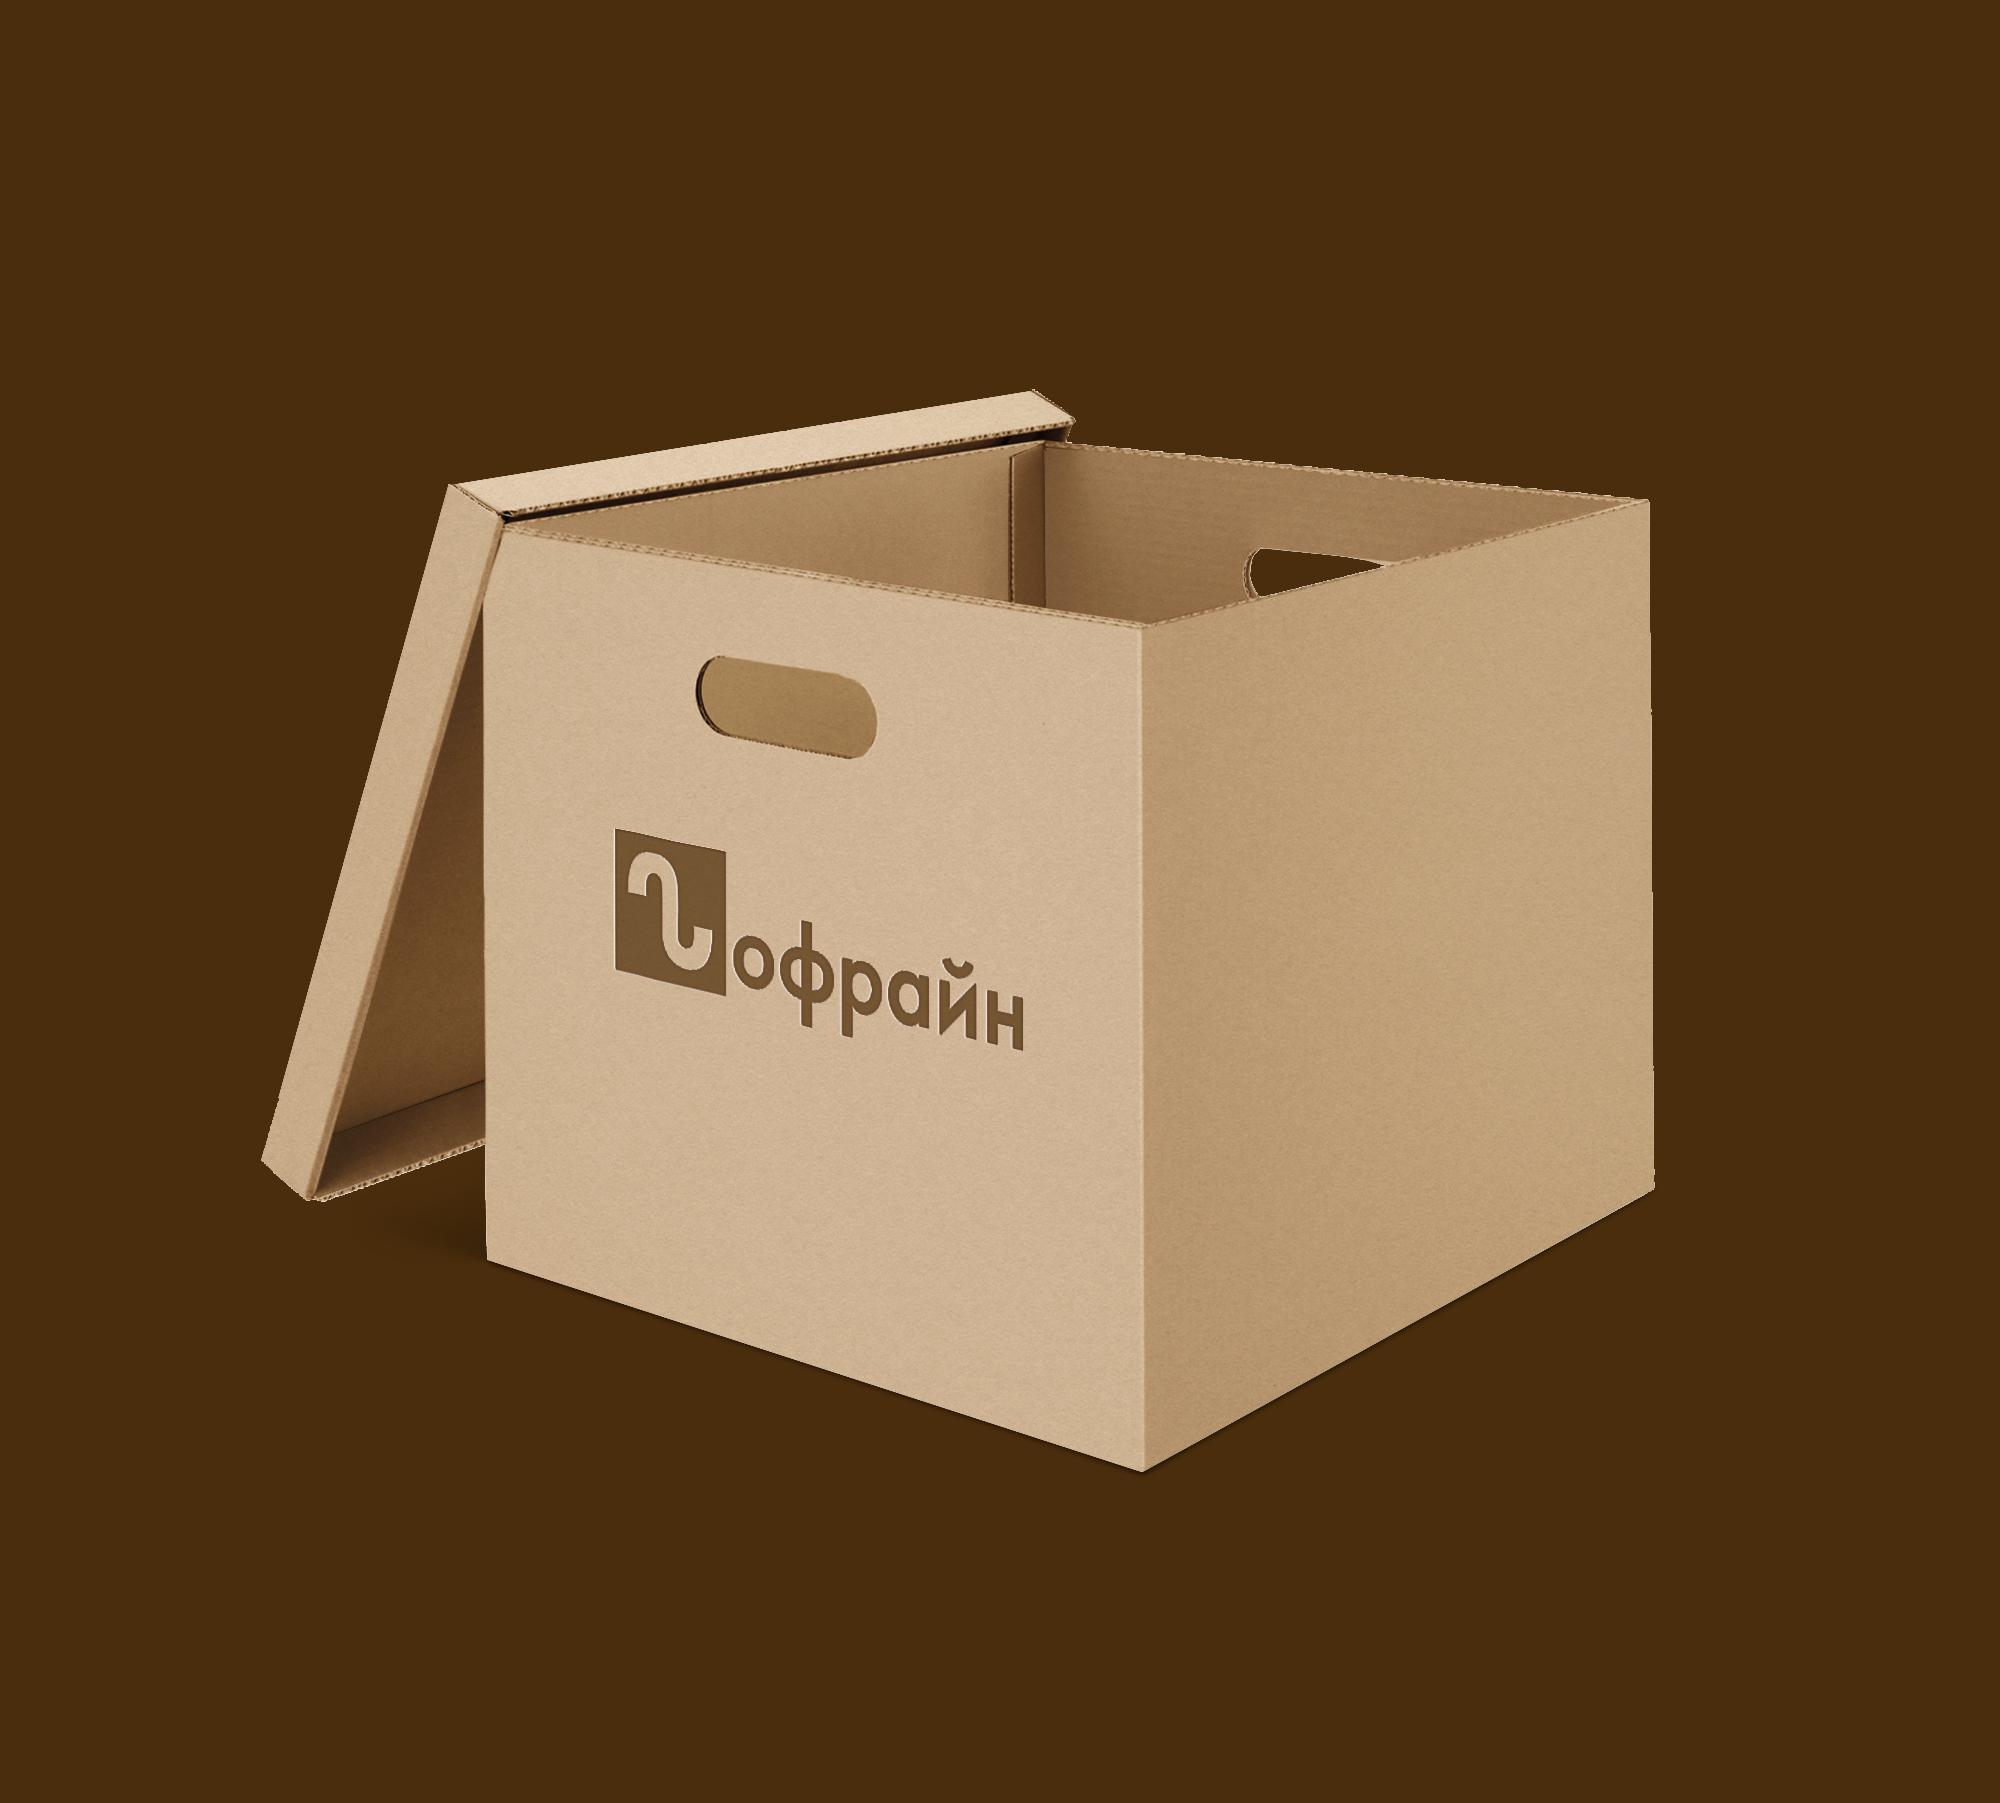 Логотип для компании по реализации упаковки из гофрокартона фото f_8485cde418f961d4.jpg